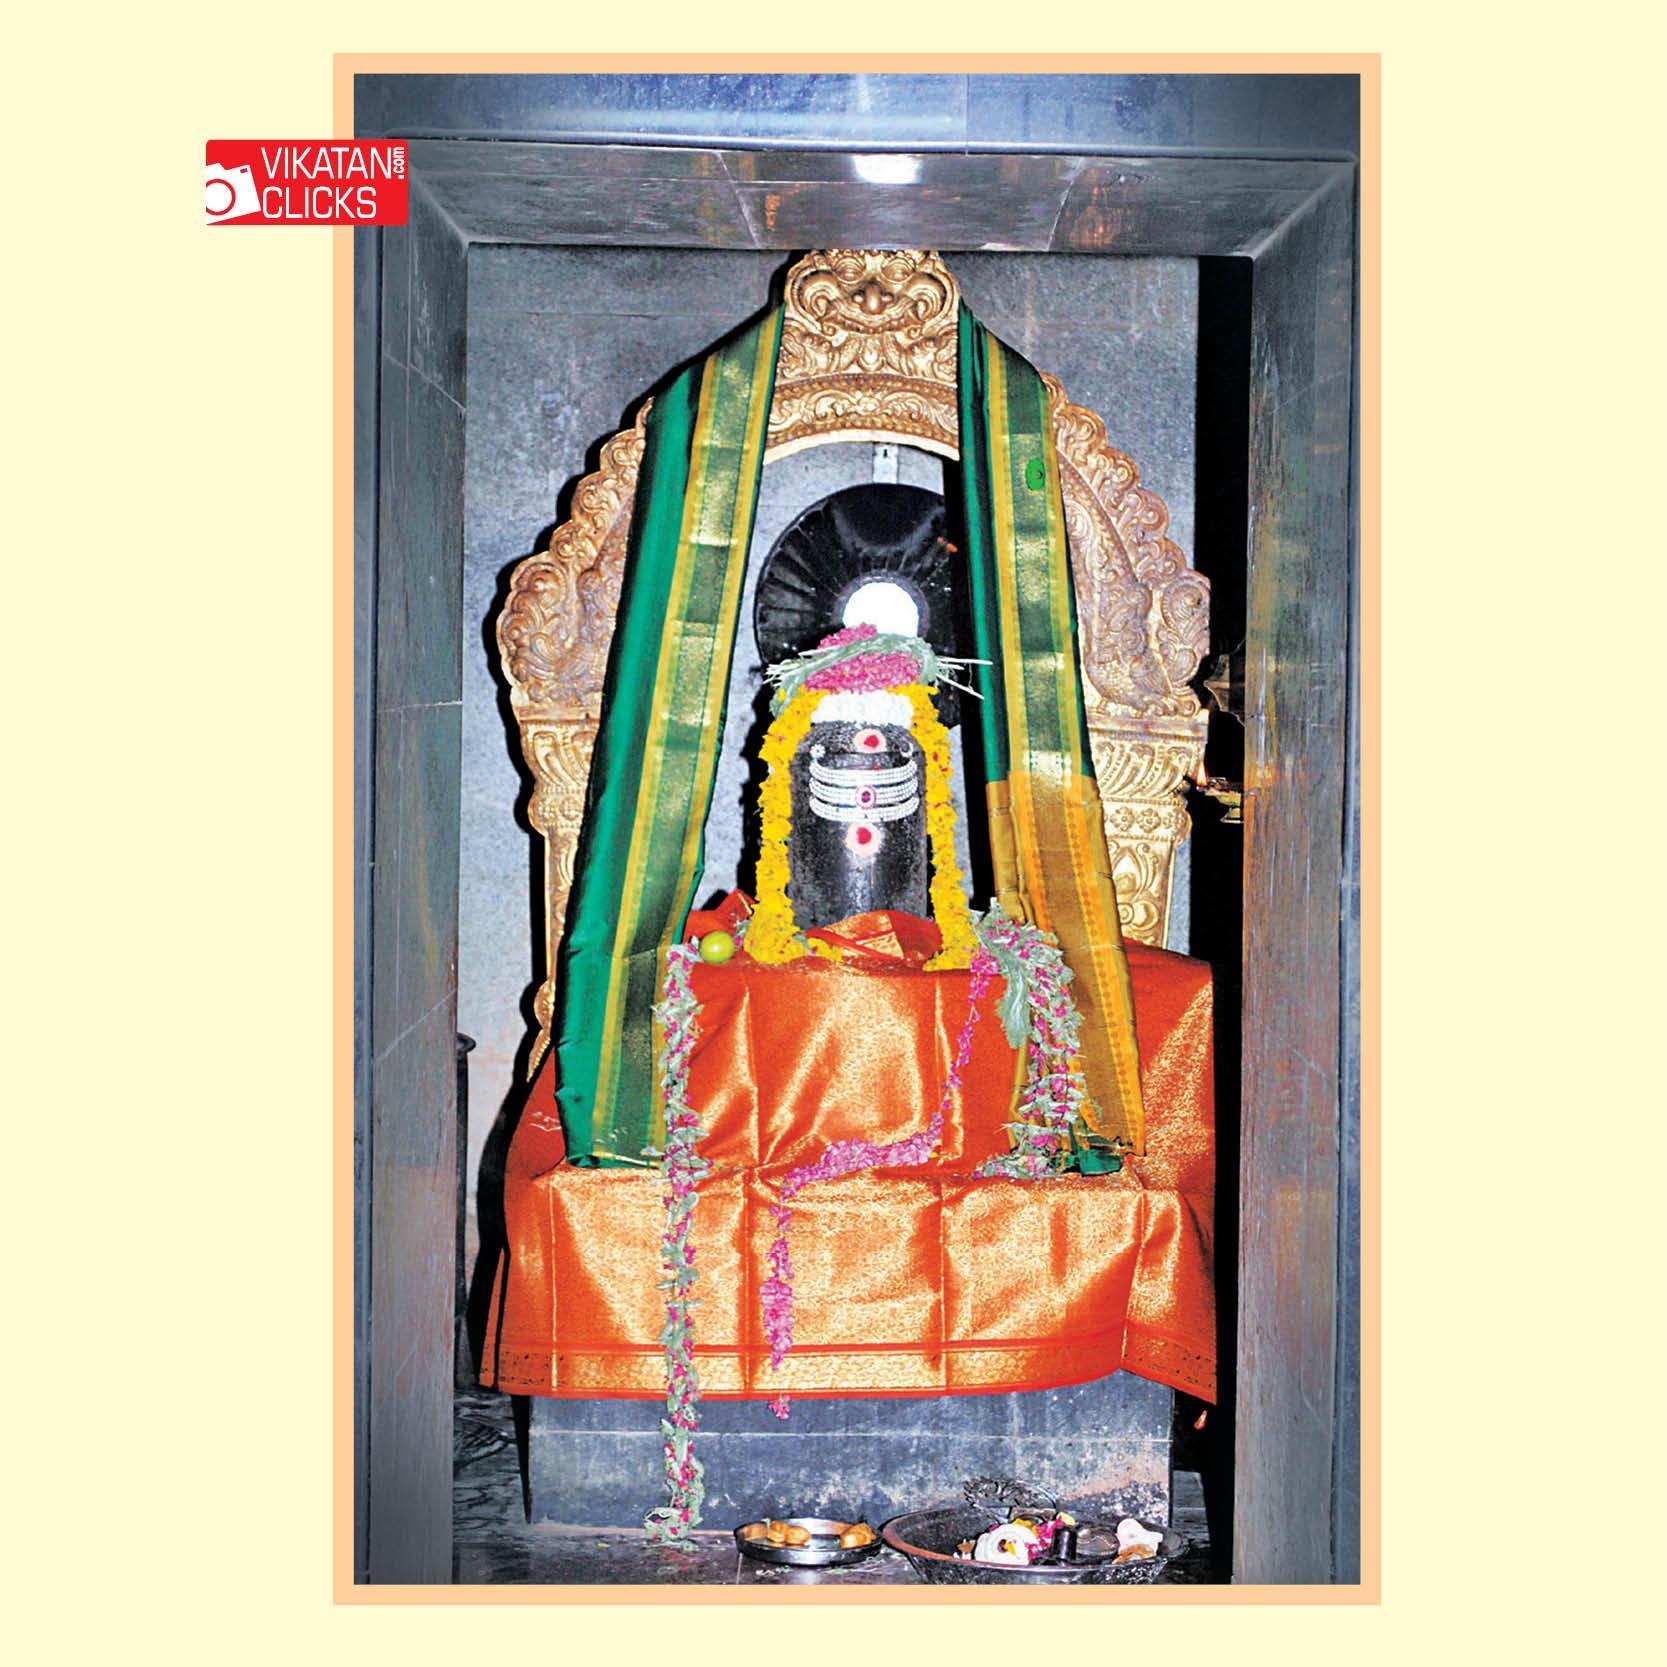 பெரியமணலி ஸ்ரீநாகேஸ்வரர்